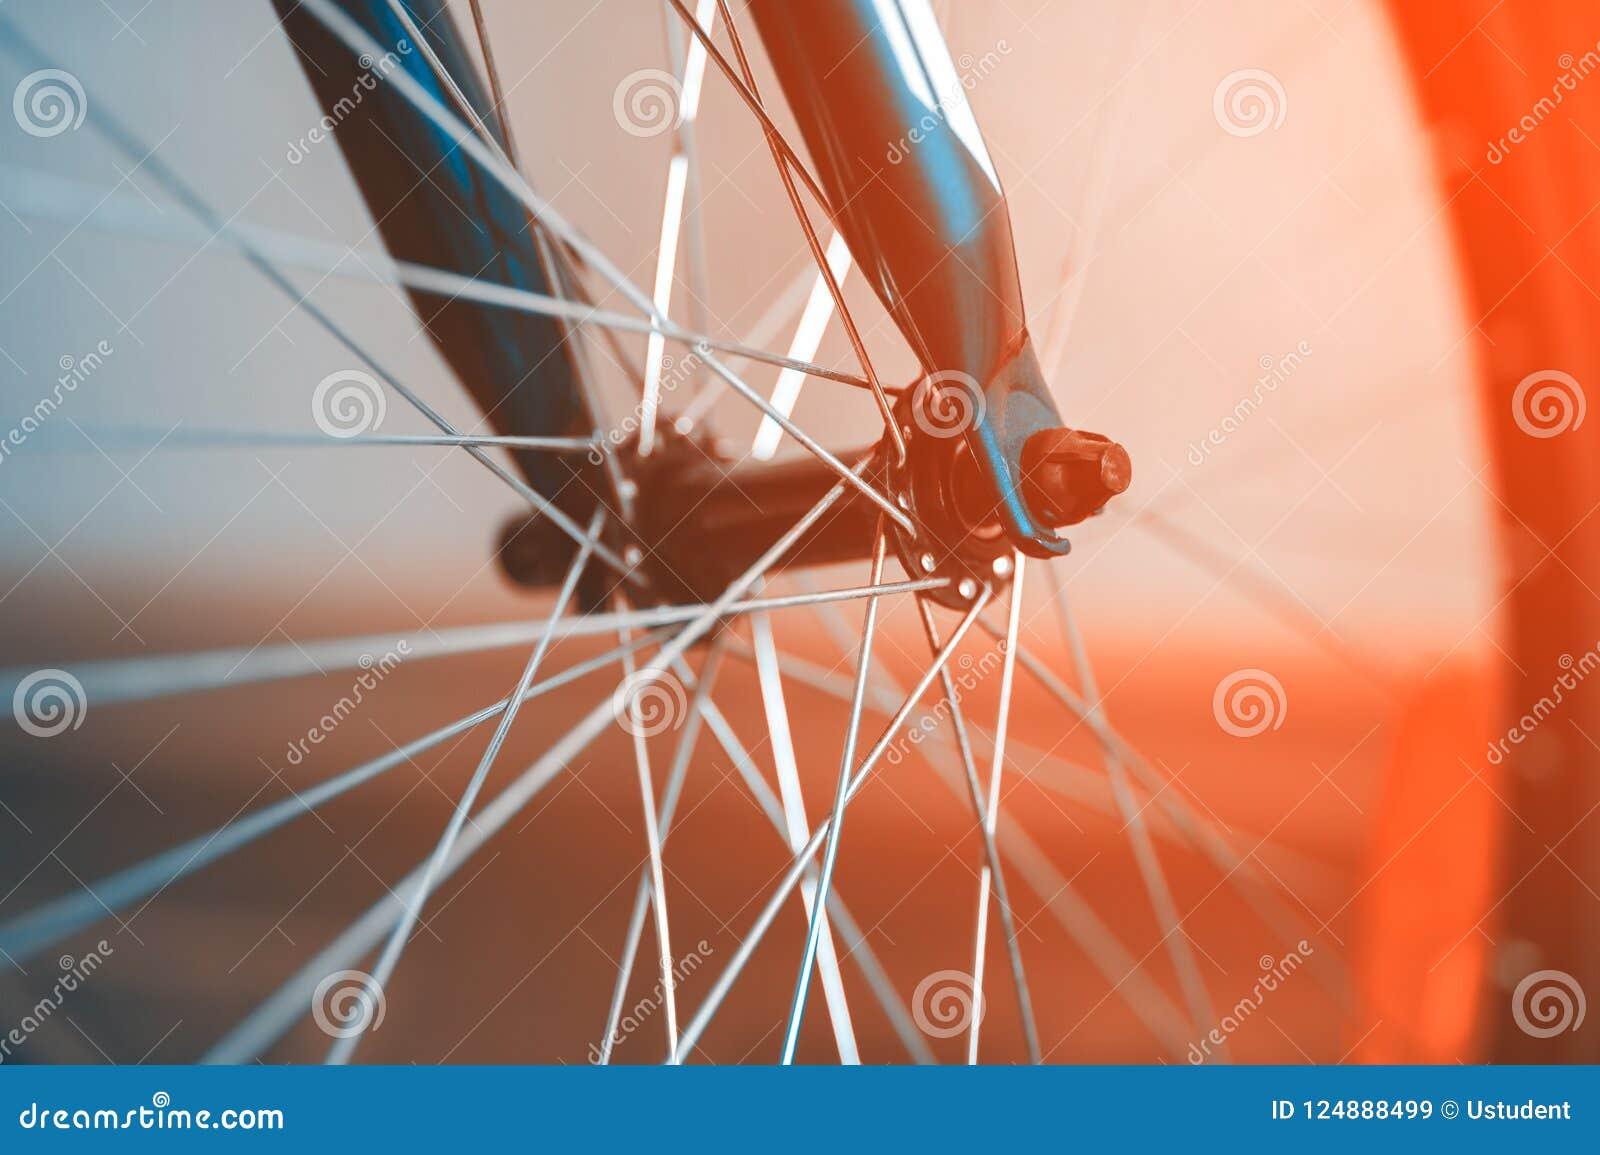 Um fragmento de uma roda de bicicleta